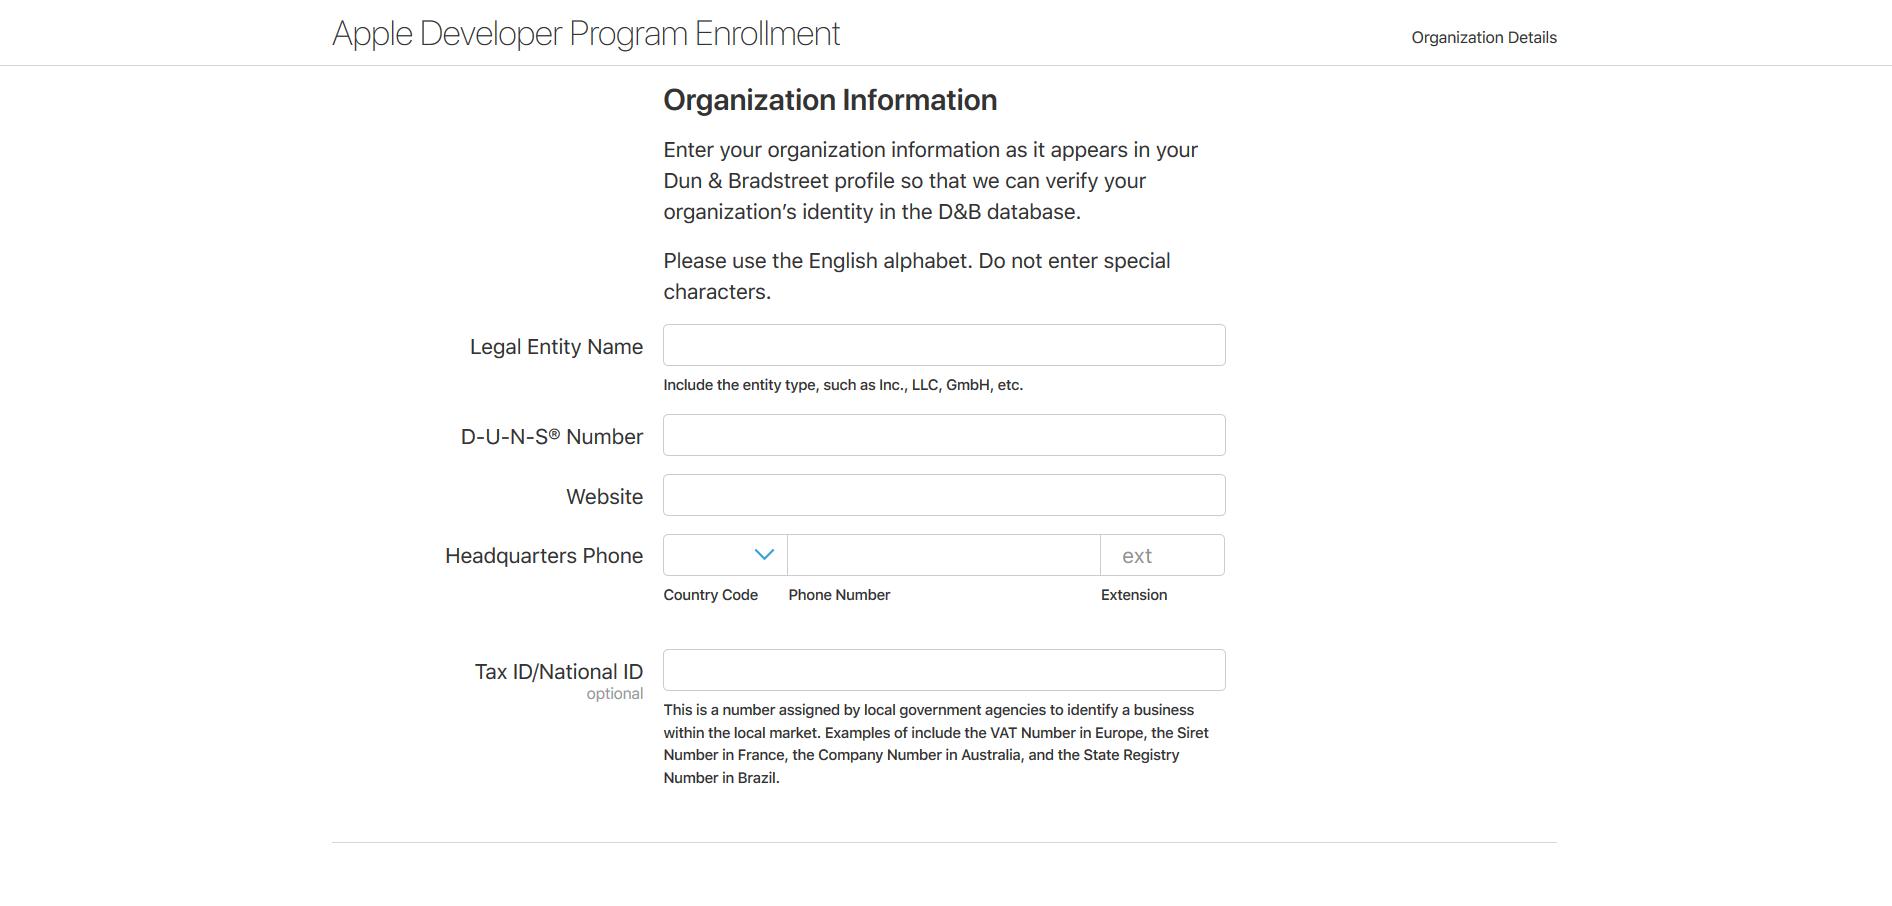 Регистрация аккаунта в App Store для компаний